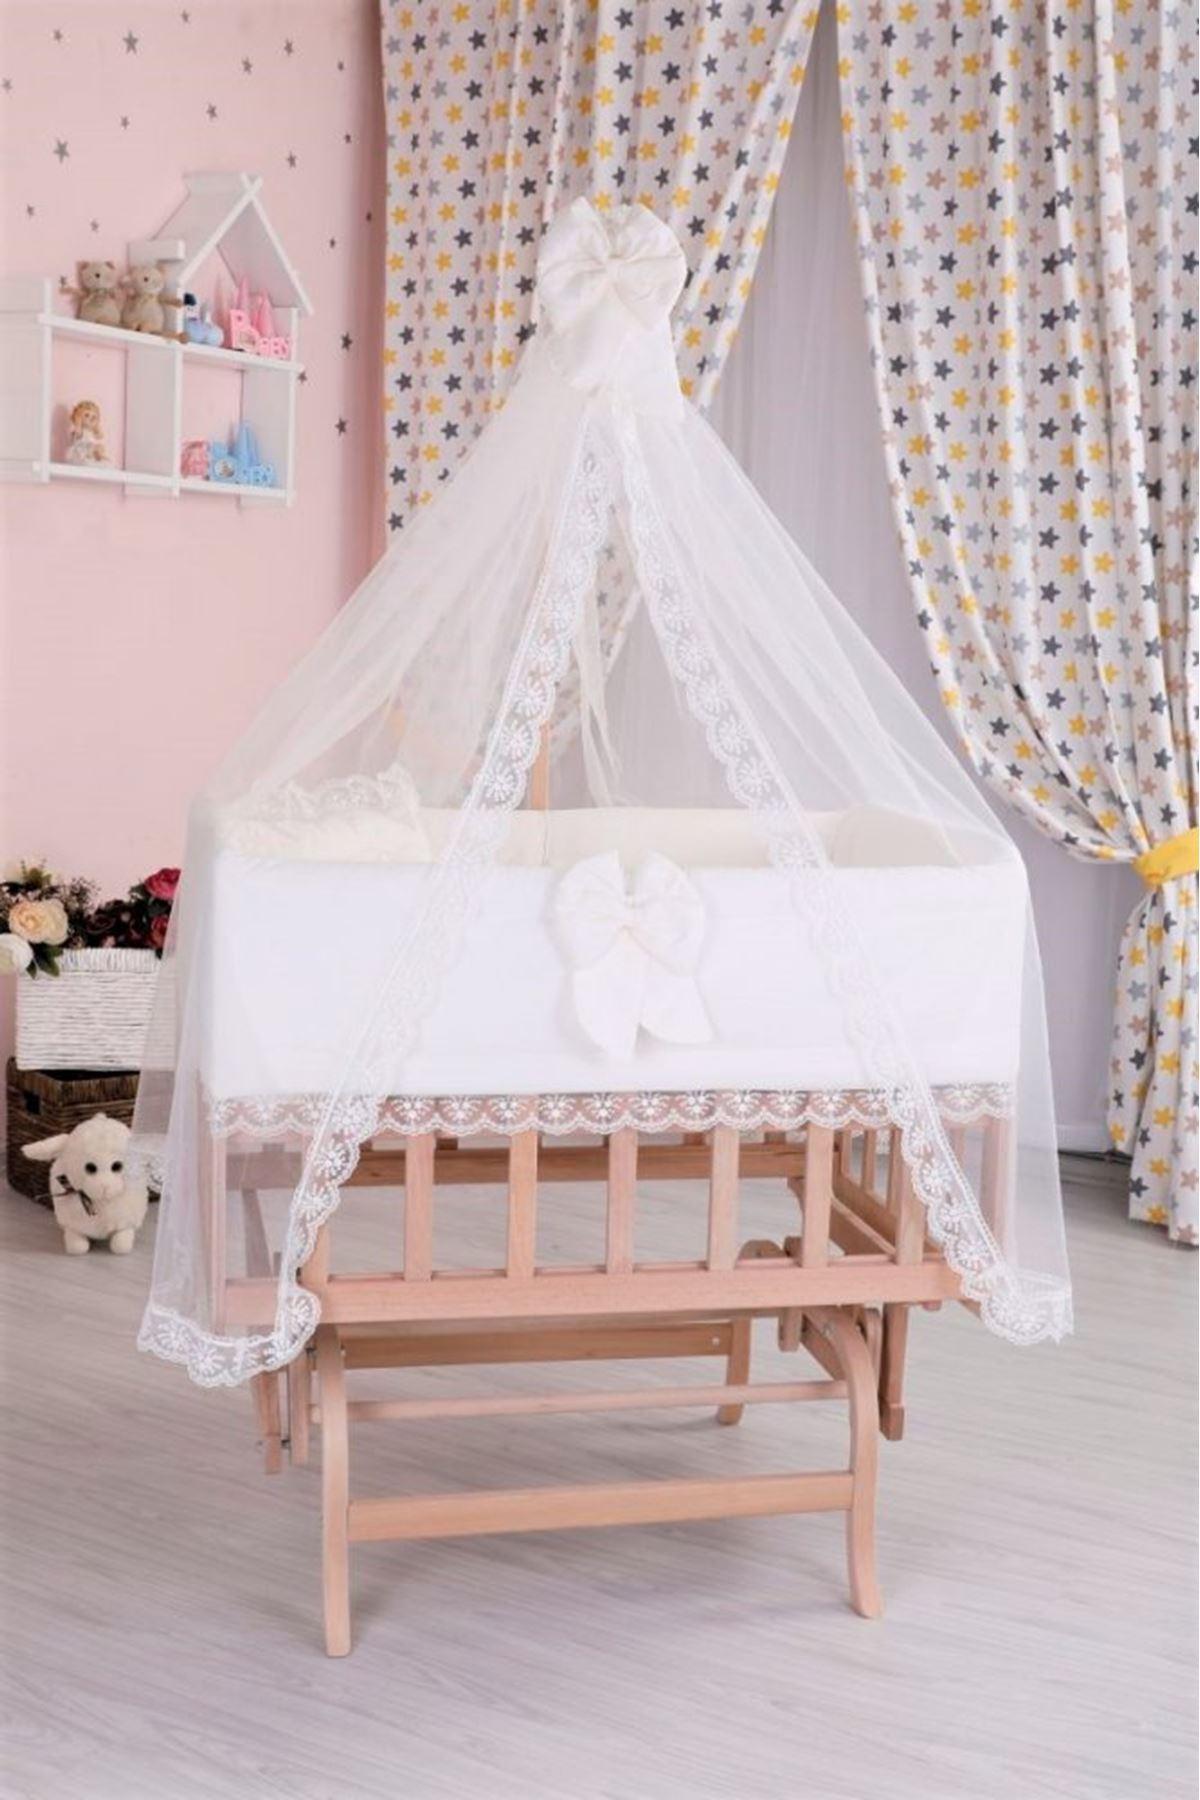 سرير خشبي مستطيل صغير ضانتيل عادي كريم